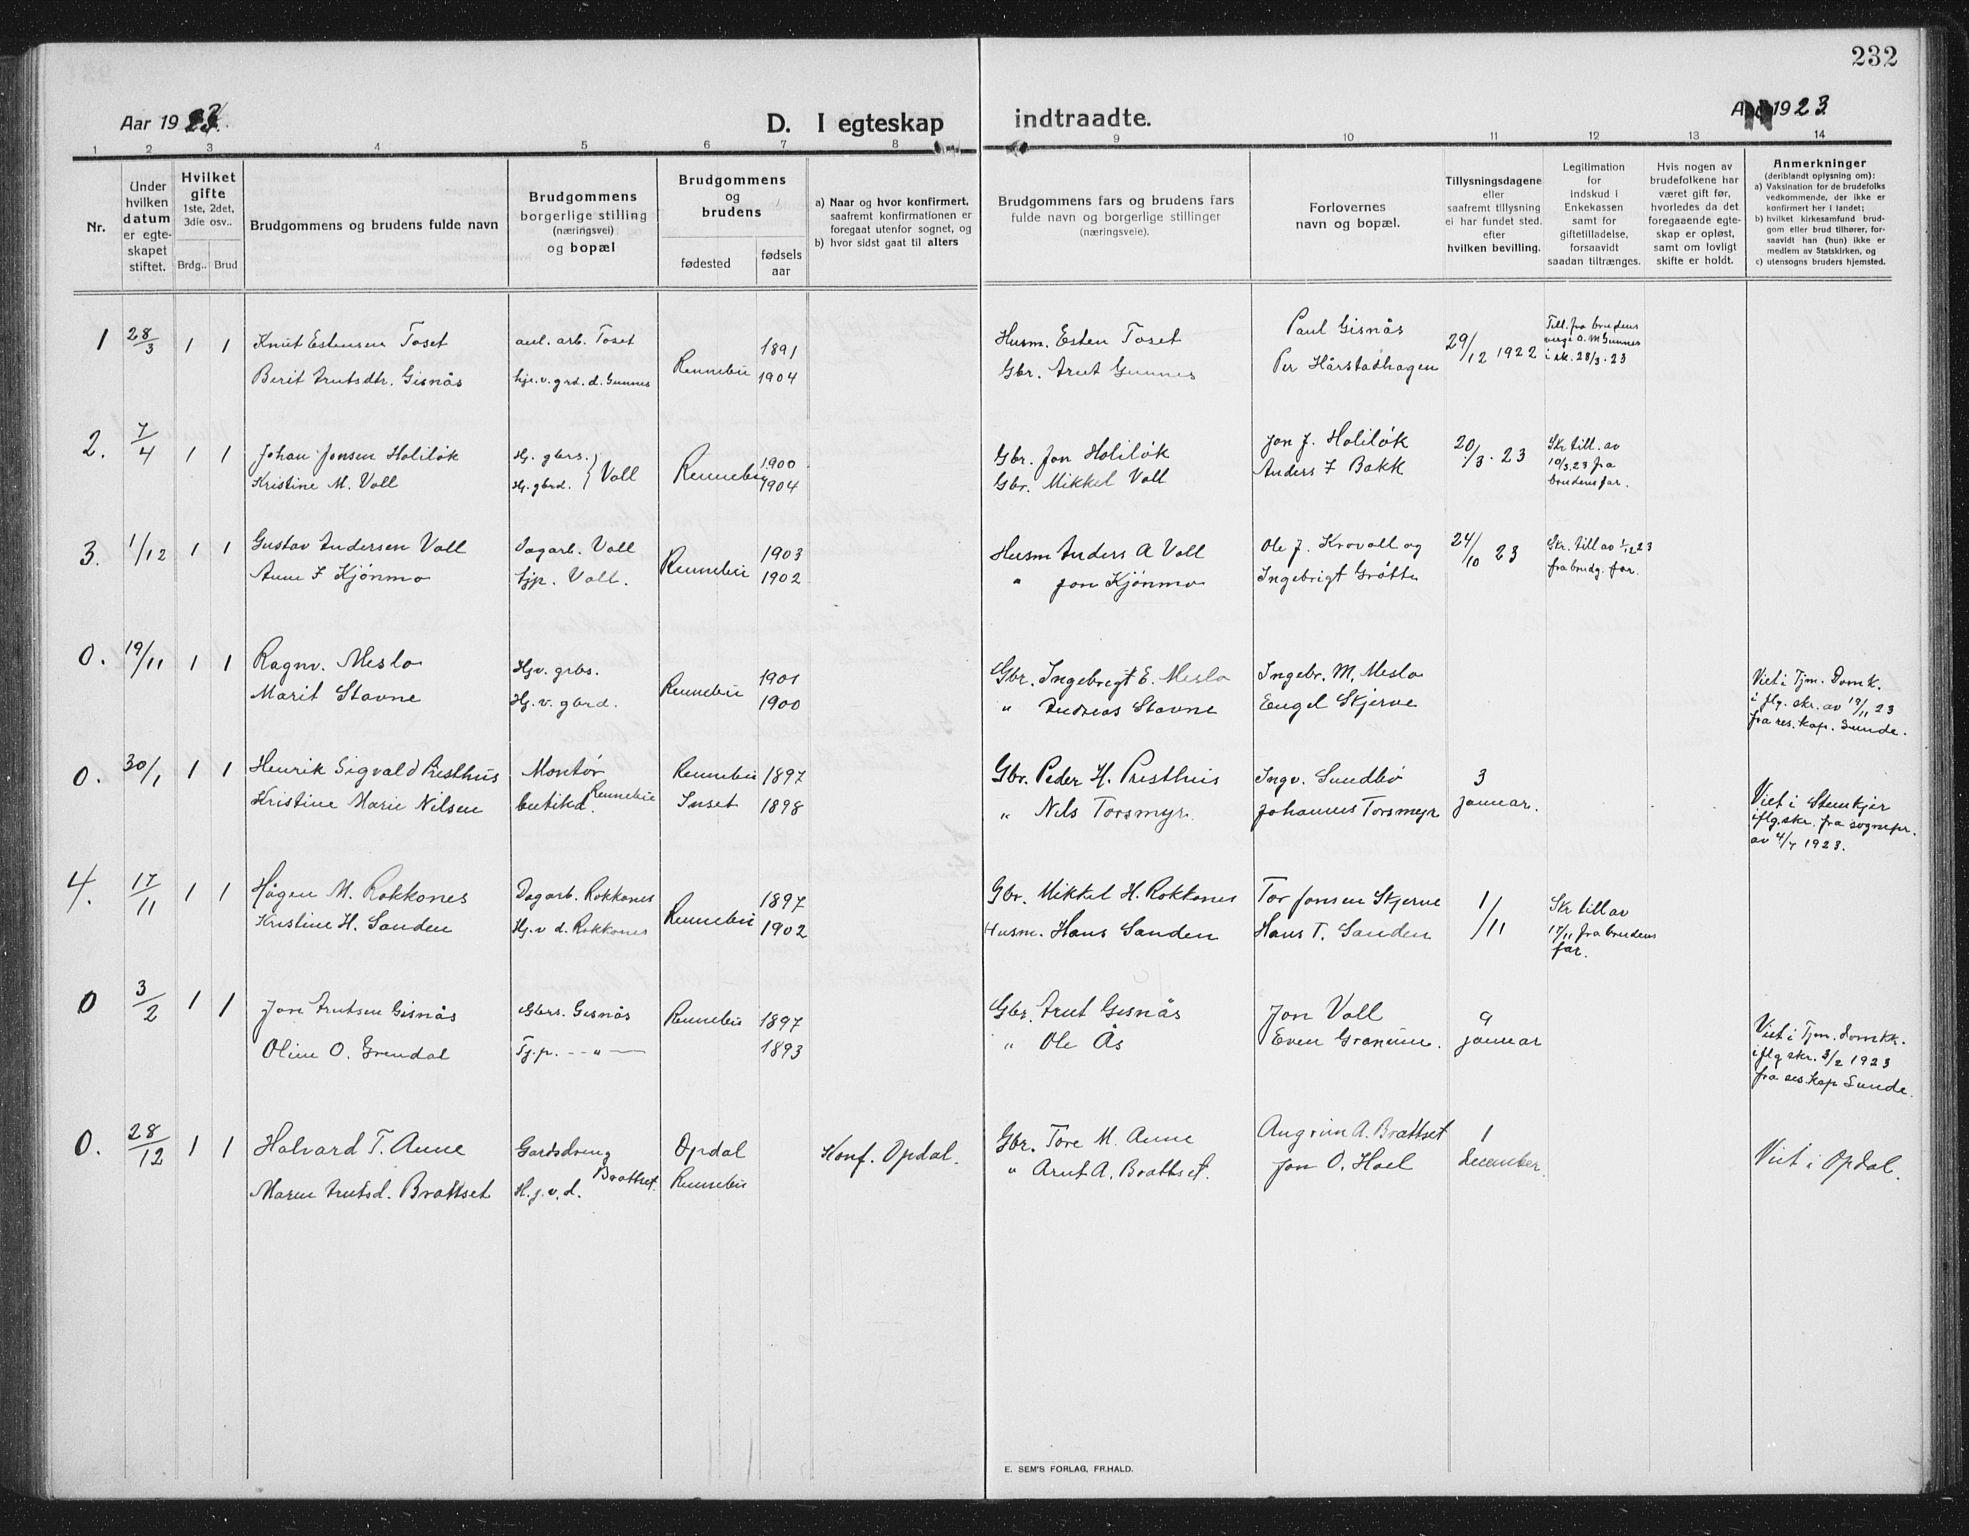 SAT, Ministerialprotokoller, klokkerbøker og fødselsregistre - Sør-Trøndelag, 674/L0877: Klokkerbok nr. 674C04, 1913-1940, s. 232